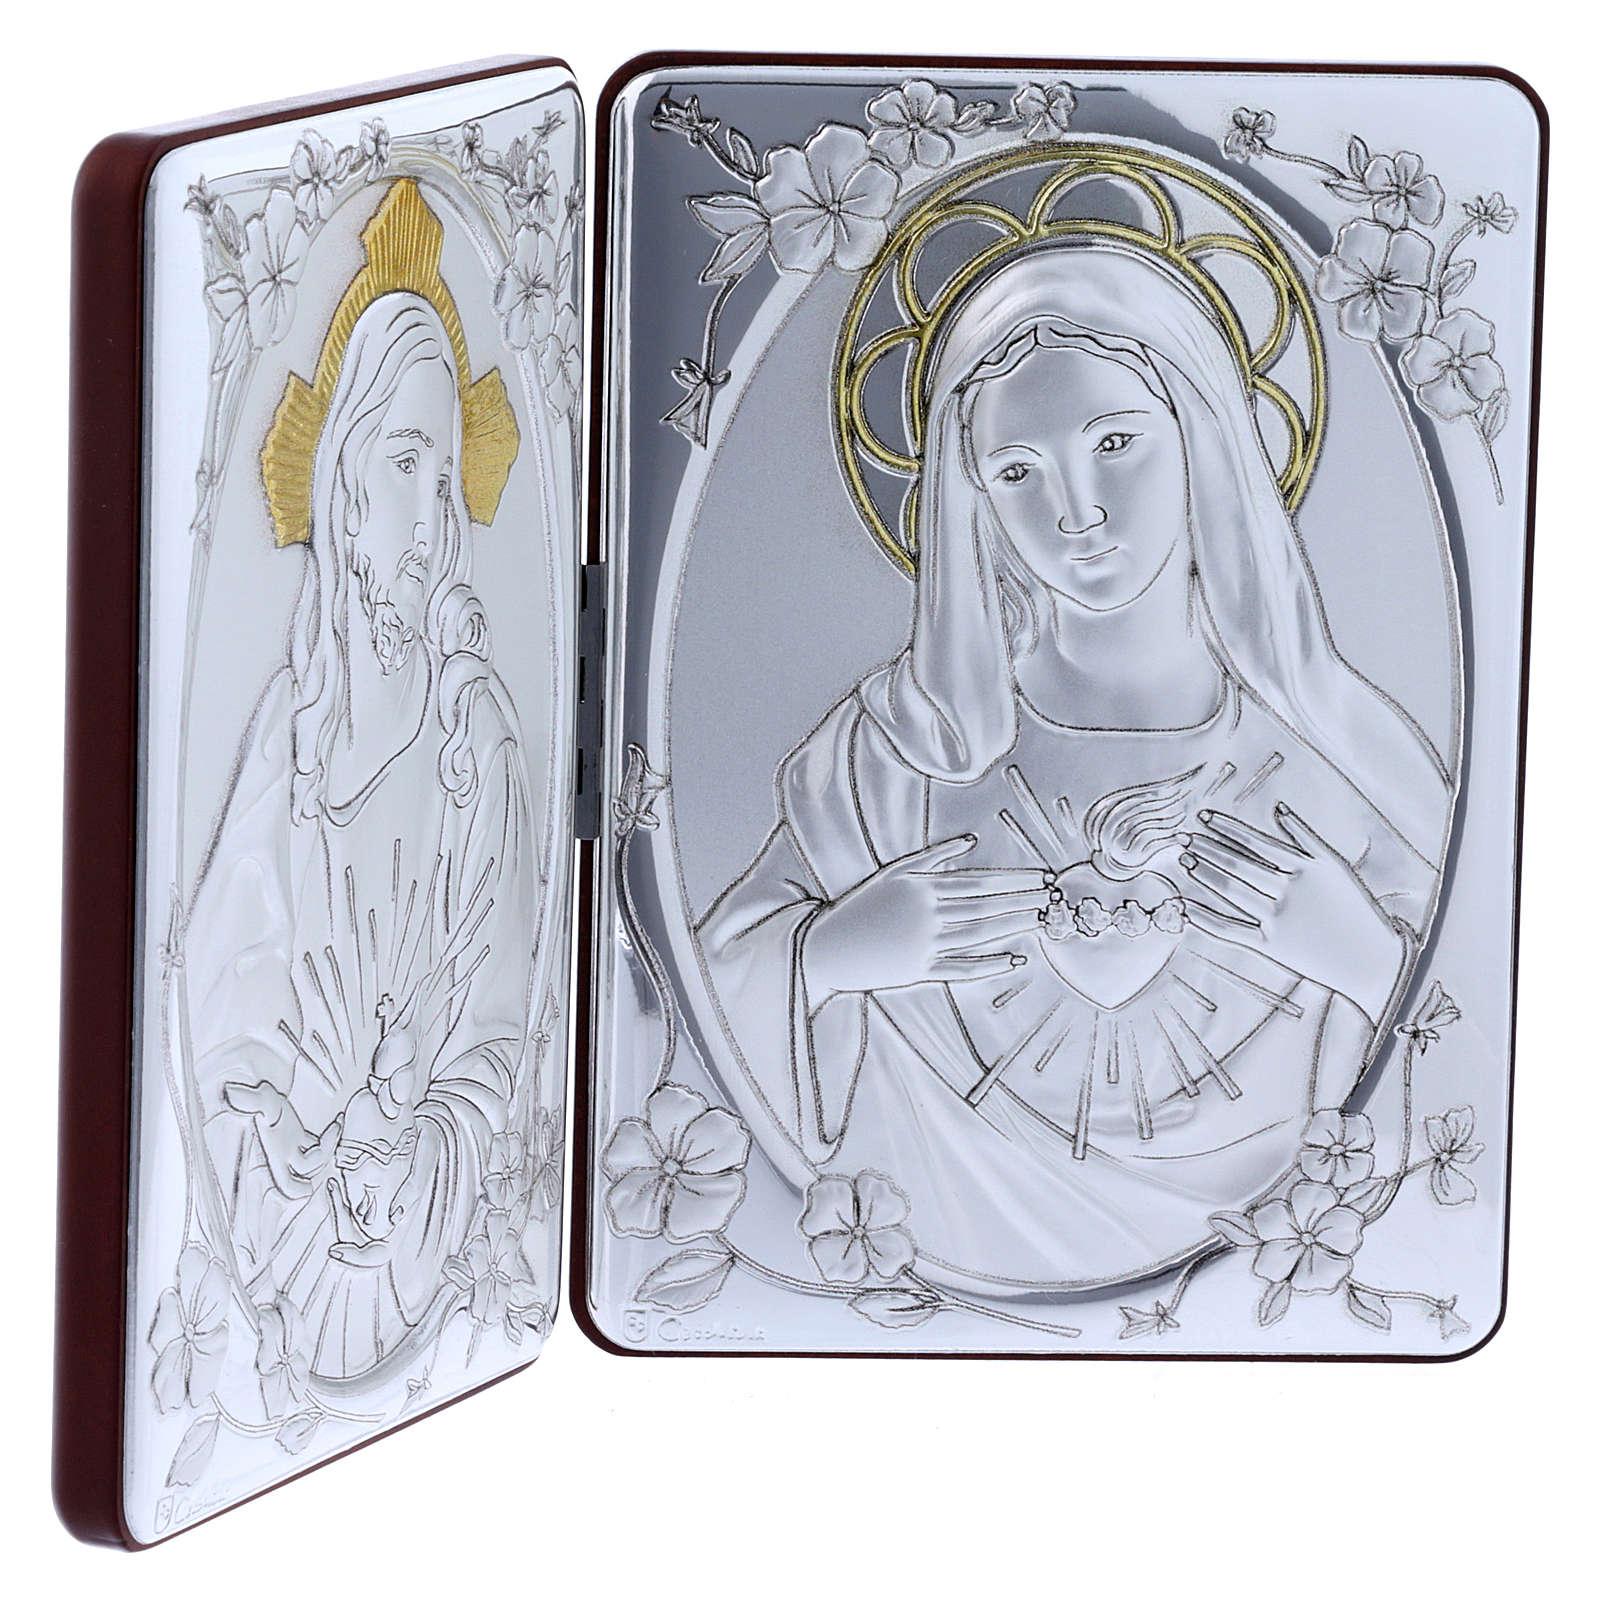 Quadro Sagrado Coração Maria Jesus bilaminado reverso madeira maciça acabamento ouro 14x21 cm 4